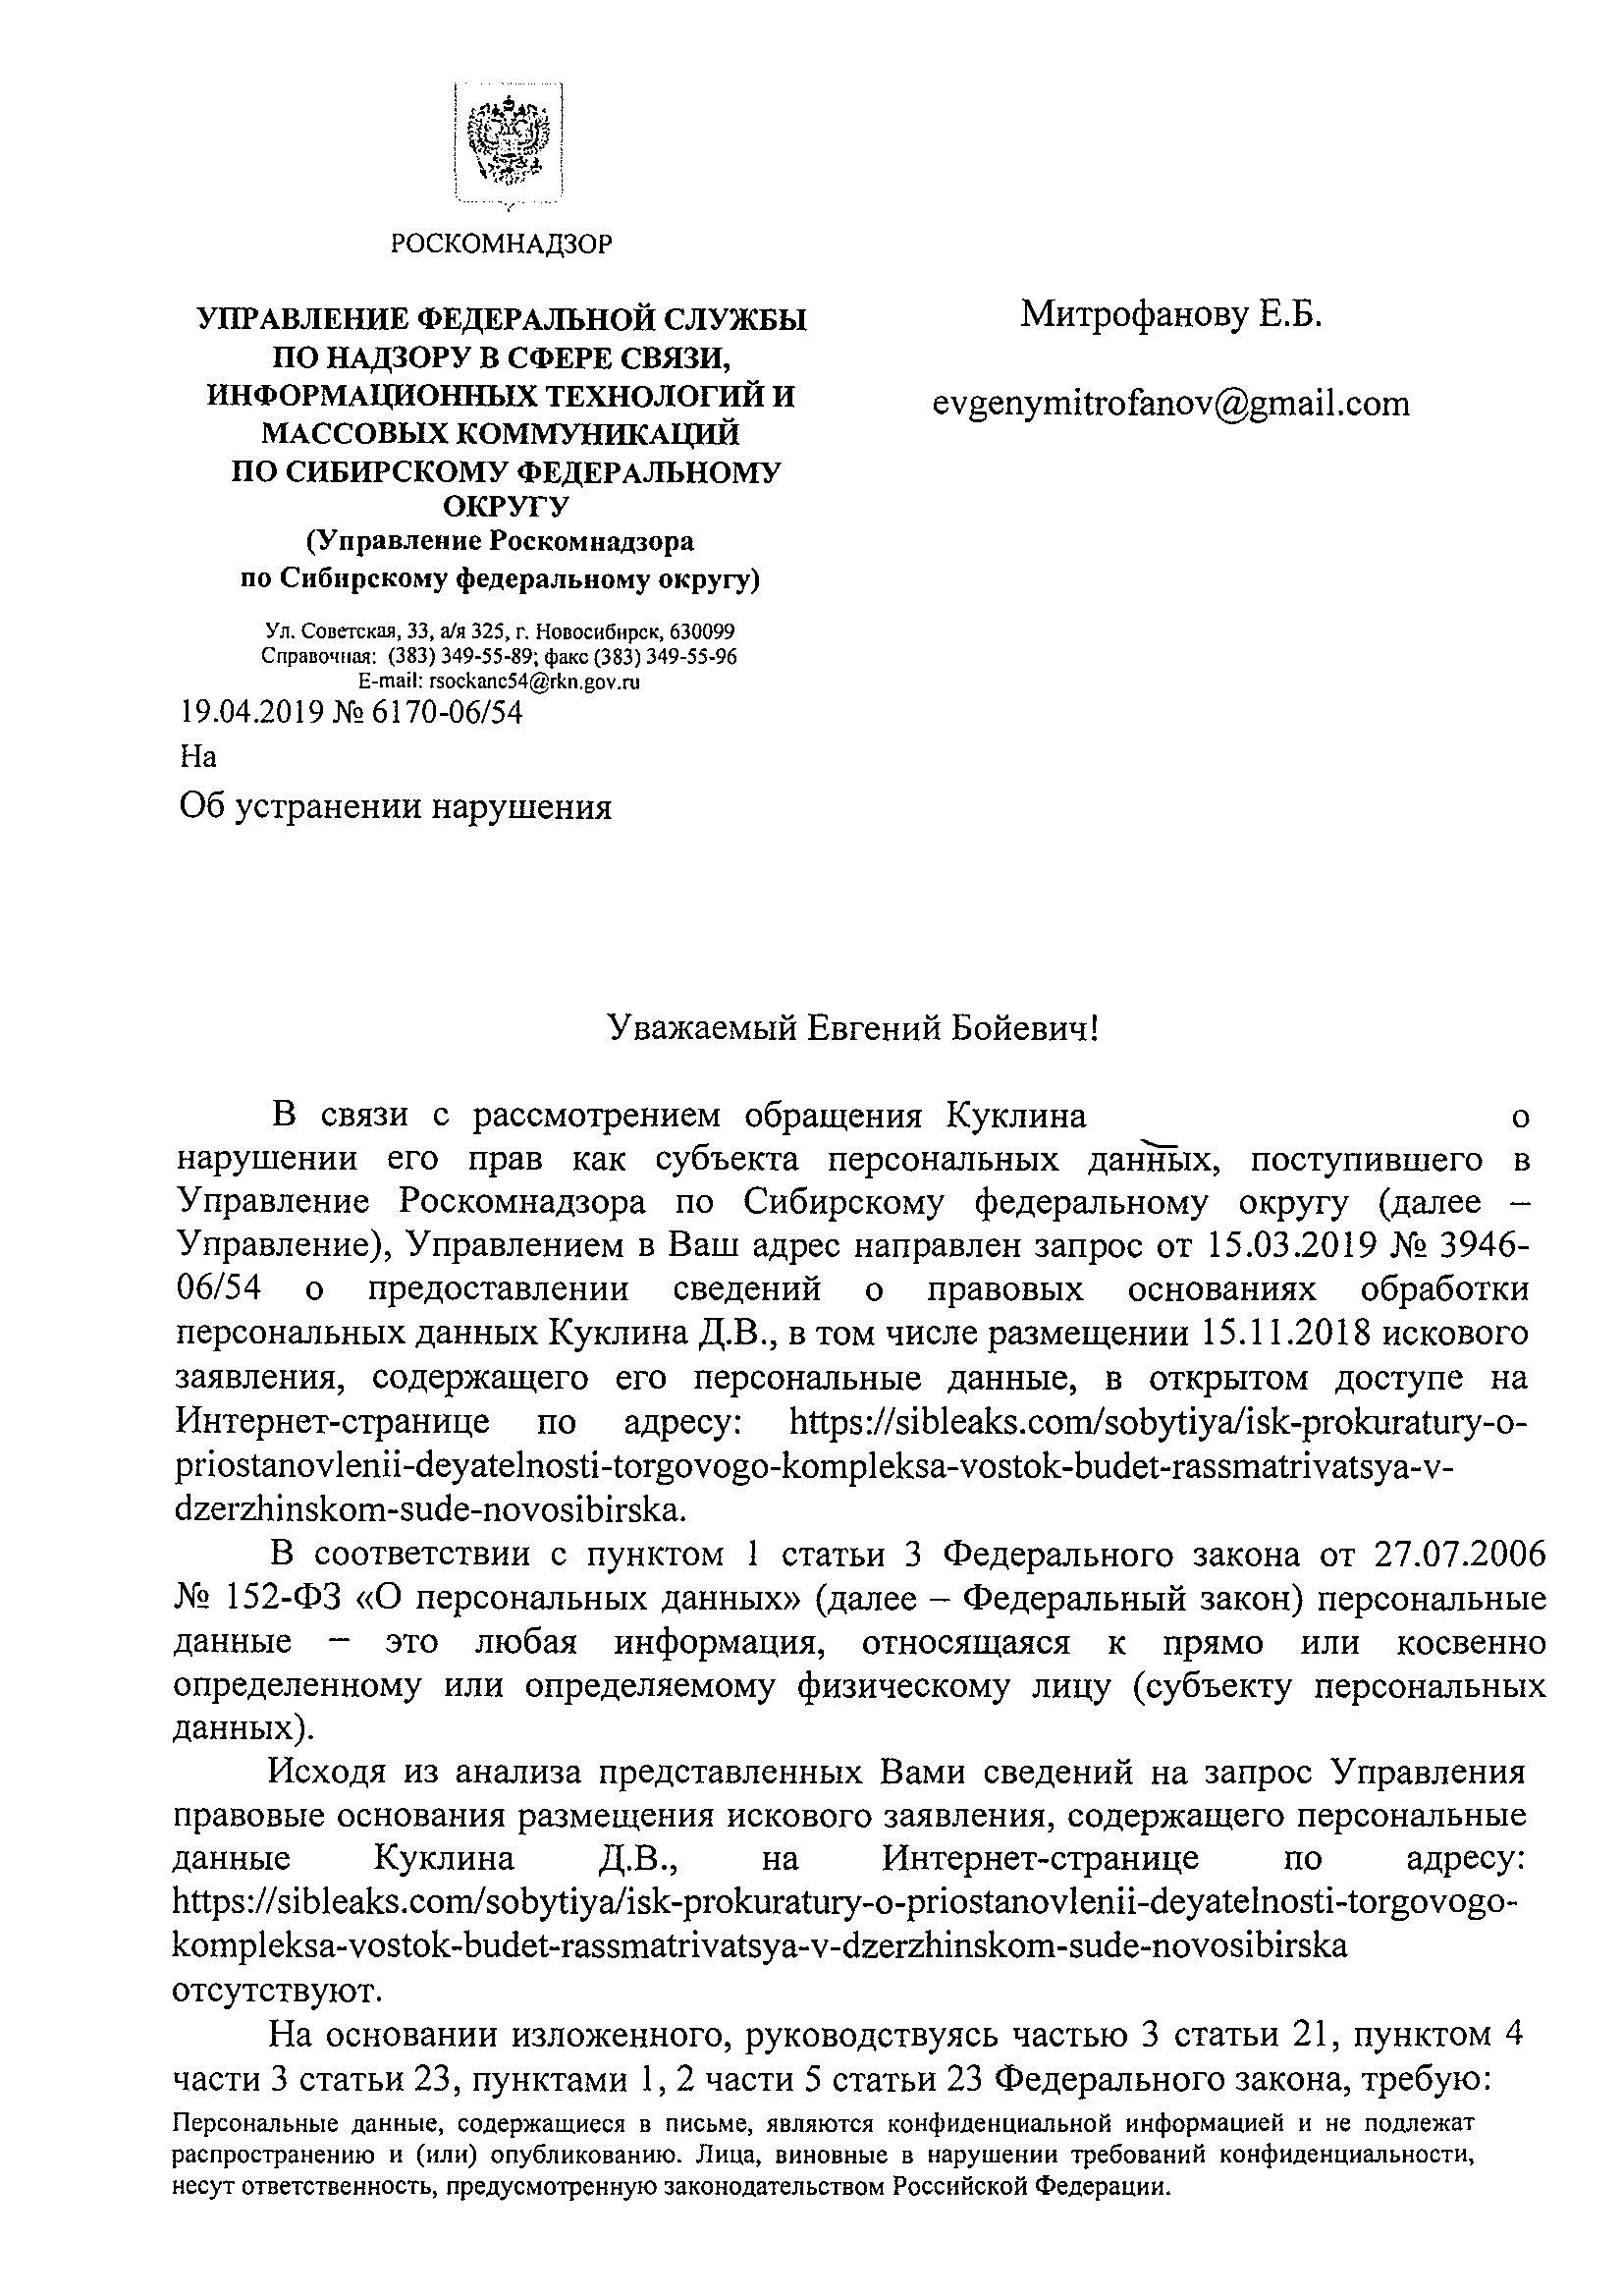 Регистрация в роскомнадзоре ип заявление на регистрацию ип 2019 онлайн